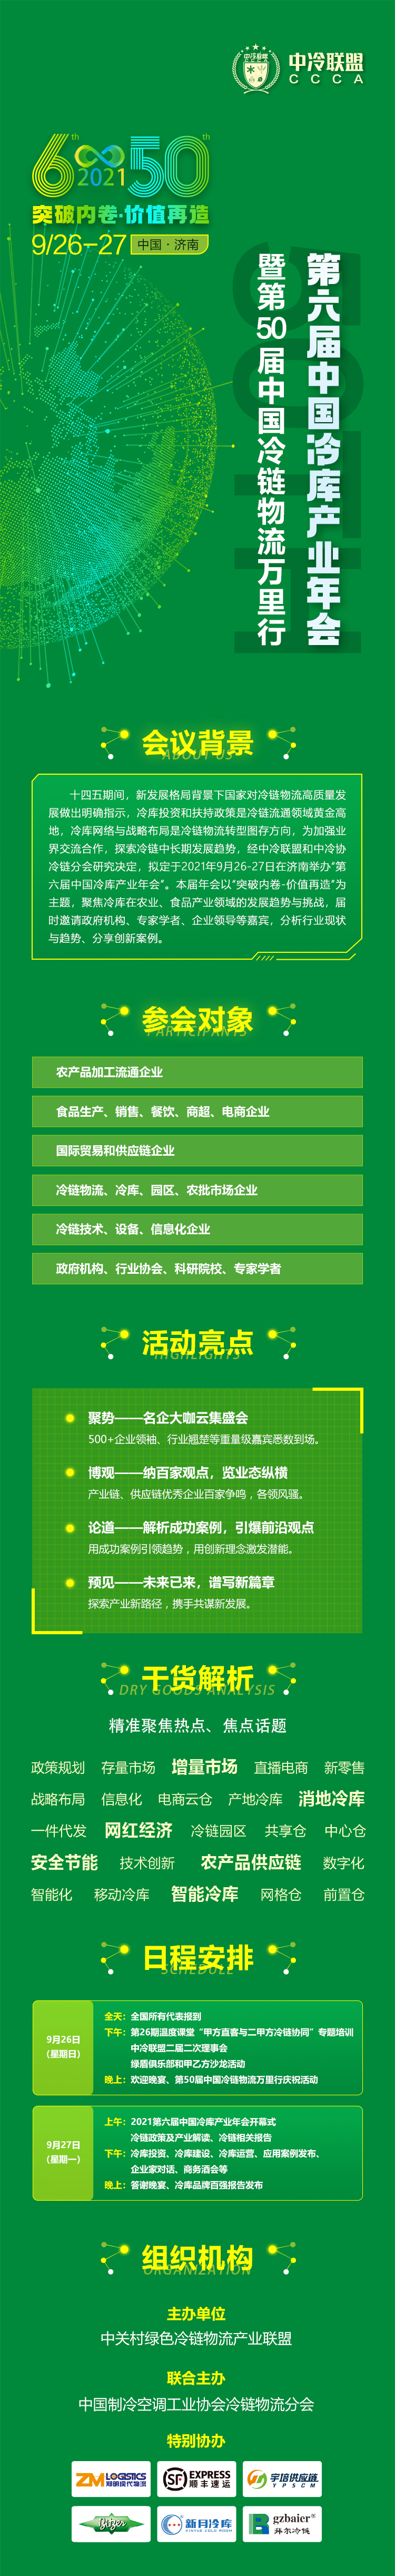 2021第六届中国冷库产业年会